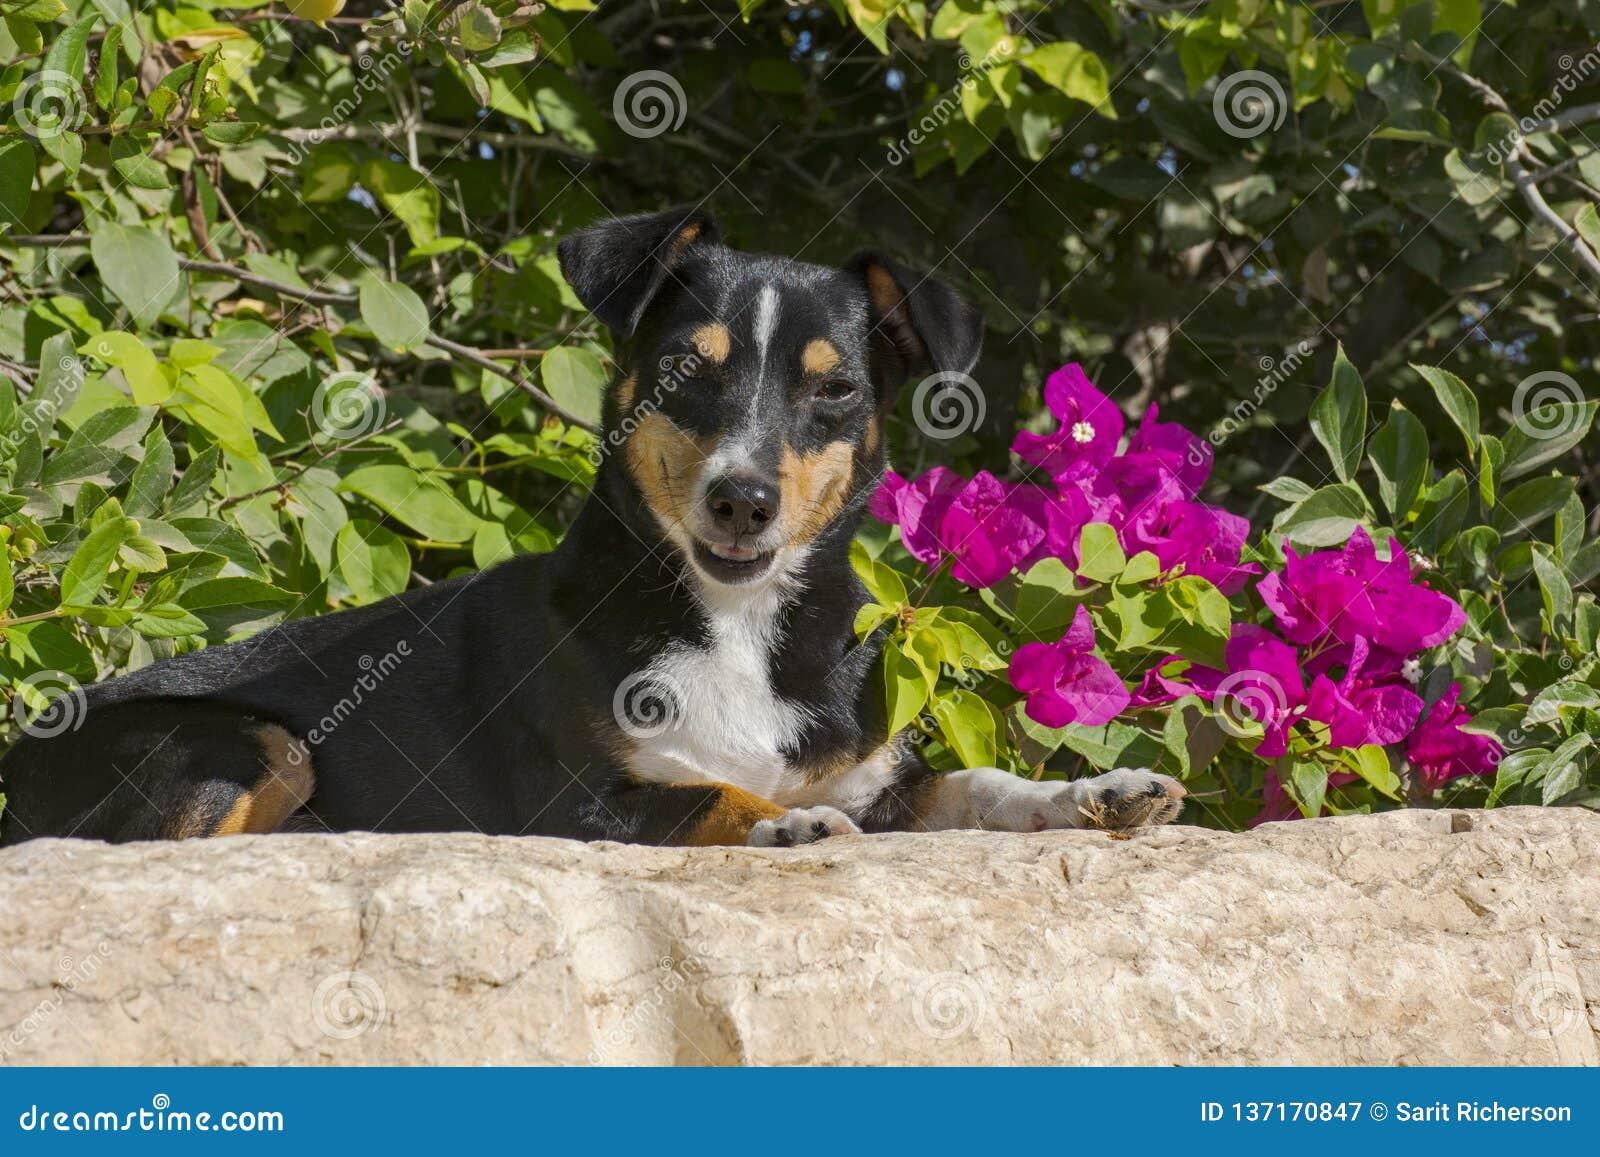 Cane sorridente davanti ai fiori magenta della buganvillea